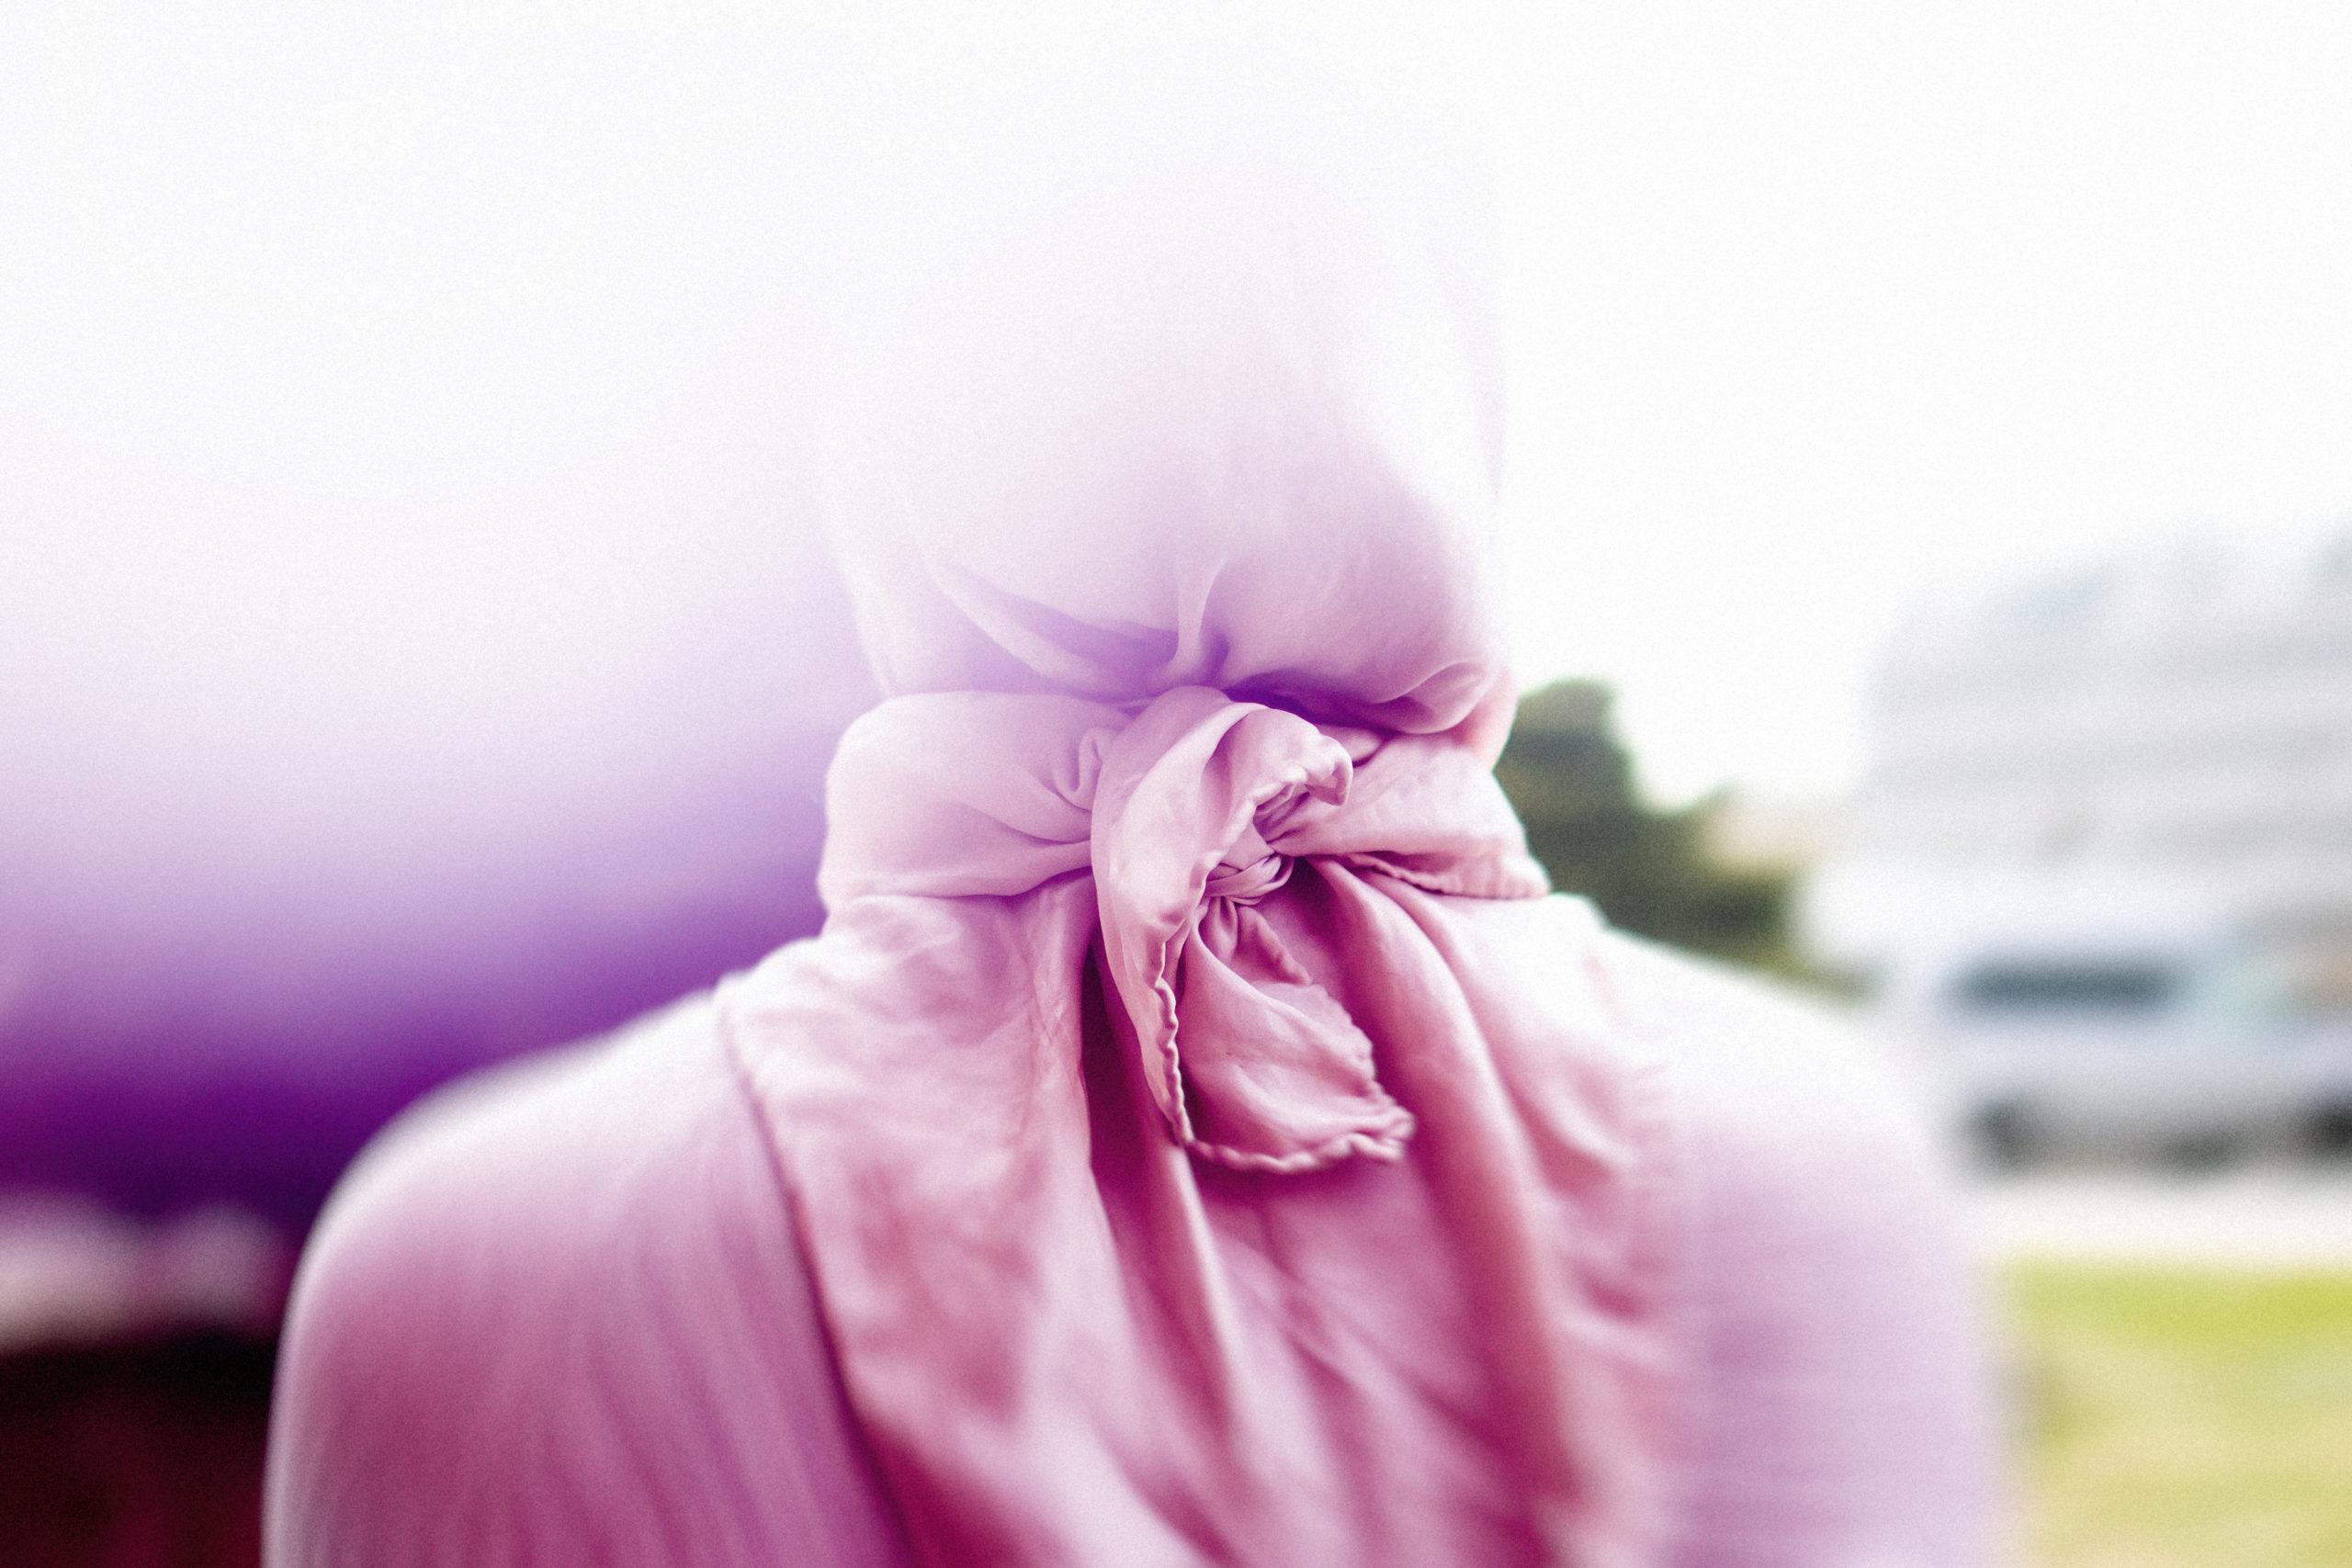 En kvinne sitter med ryggen mot kamera. Hun har på seg en hijab som skjuler håret. Bildet skal være anonymt, og det er lagt på et rosa skjær i fotografiet for å skjule identiteten og klesfargene til personen på bildet.